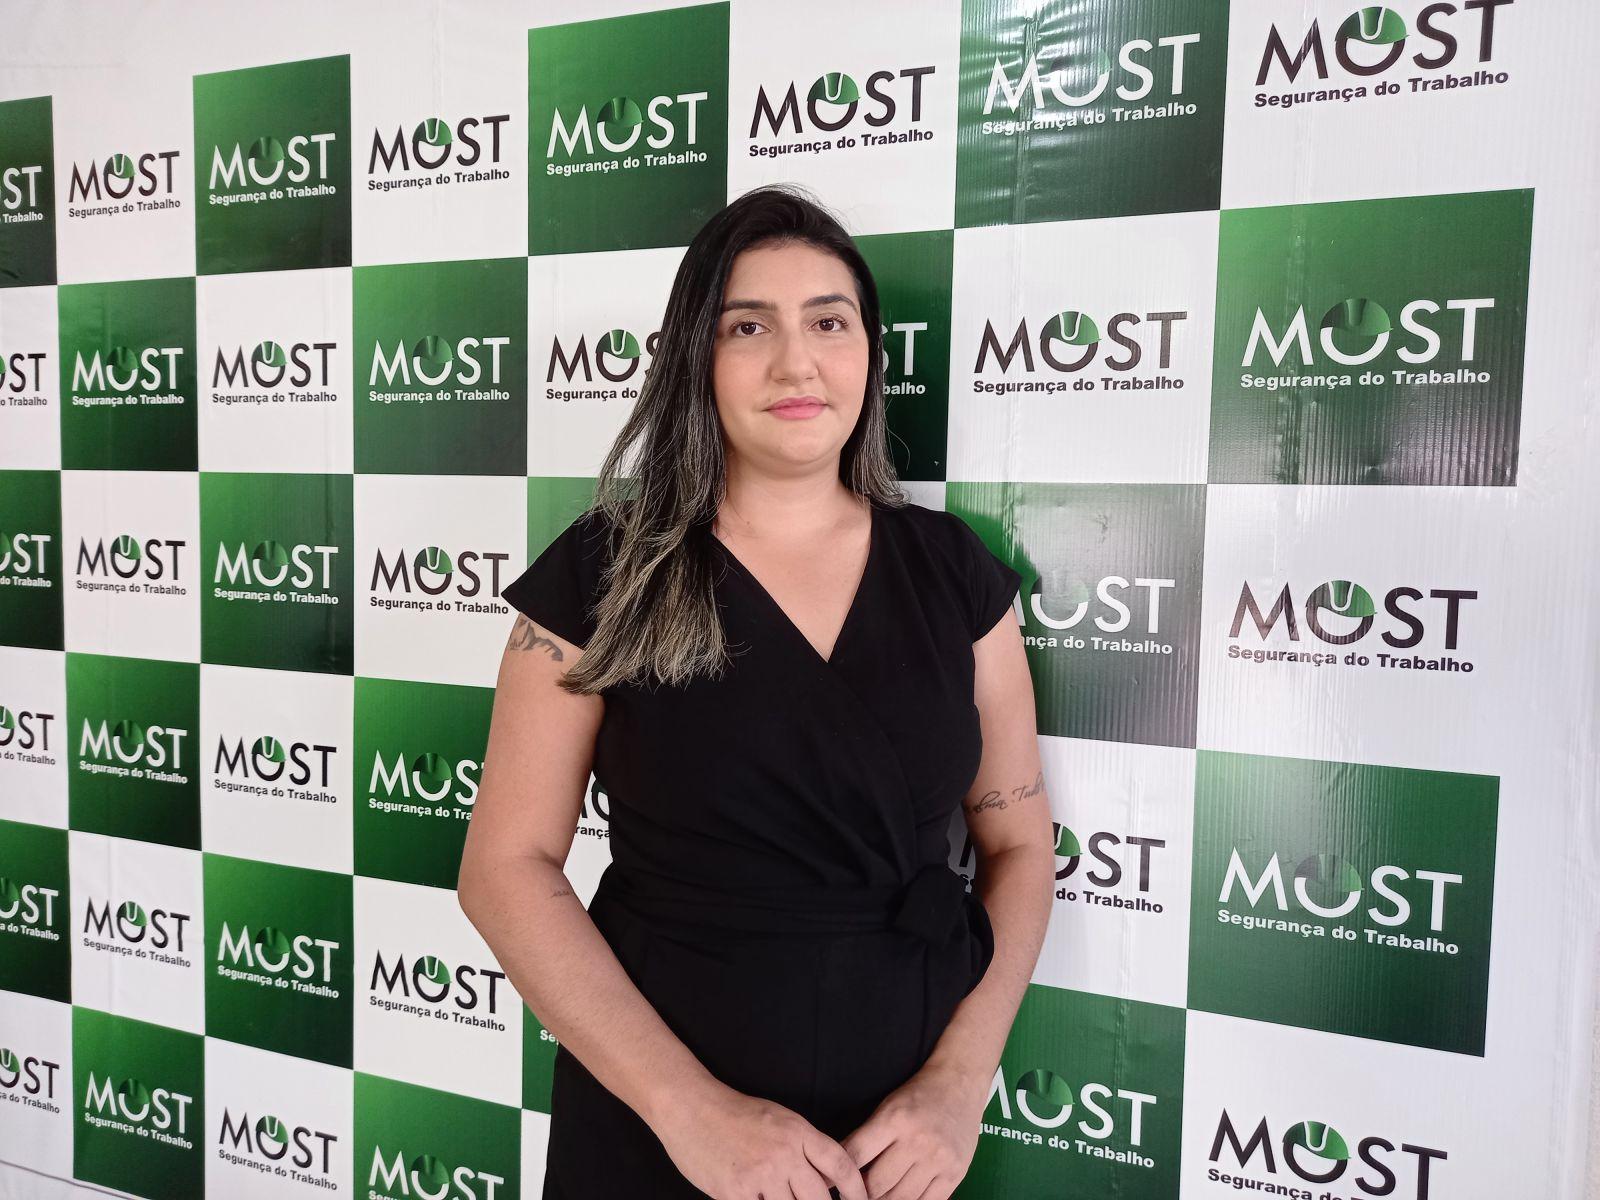 3: Monique Sousa é técnica de segurança do trabalho. A missão dela é proporcionar um ambiente mais seguro nas empresas e nas fazendas. (Foto: Rildo Costa)